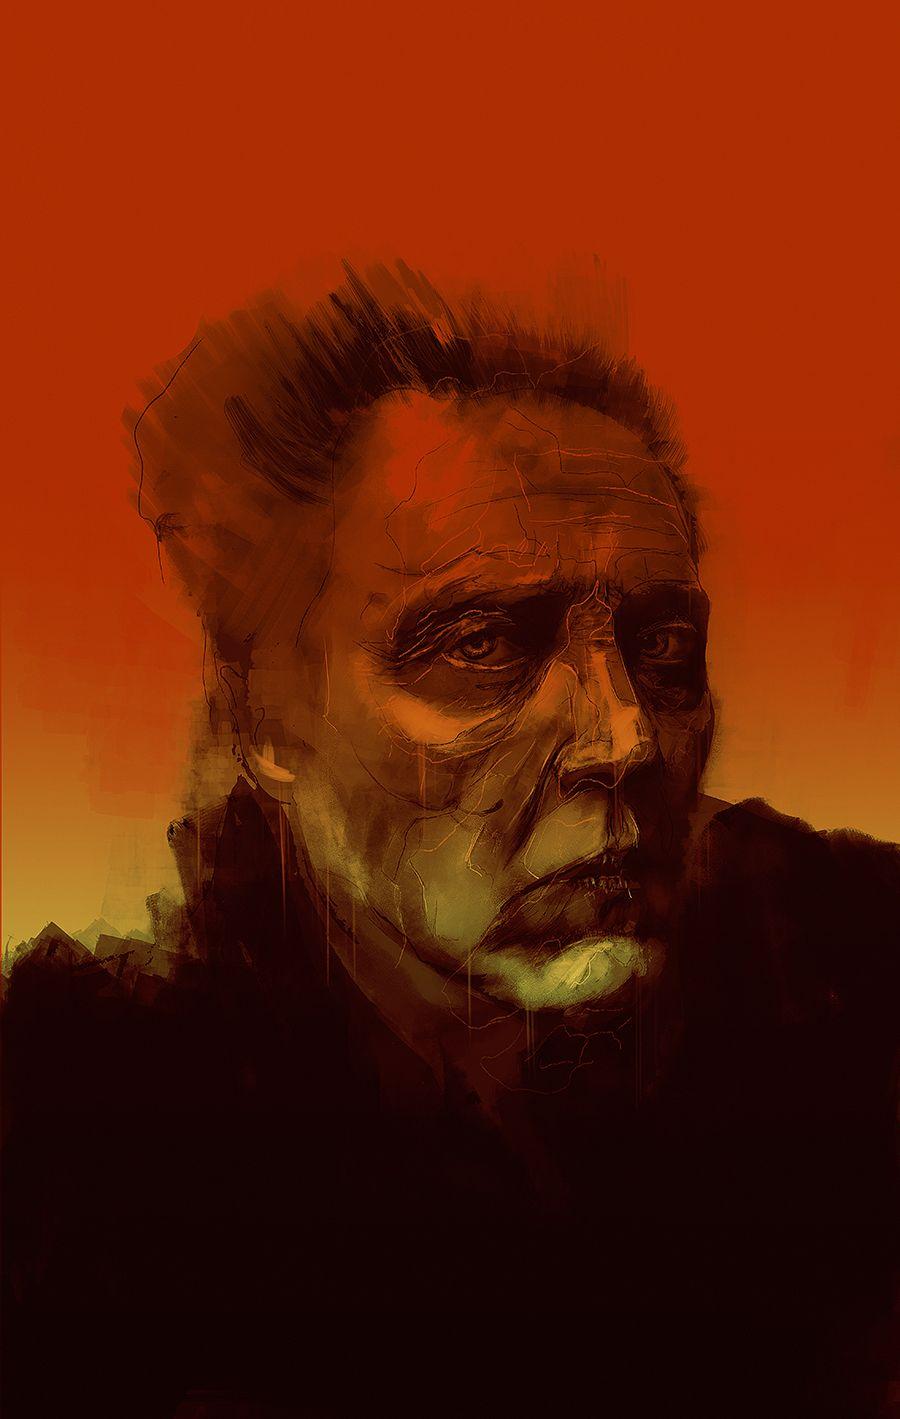 Christopher Walken by Rafal Rola